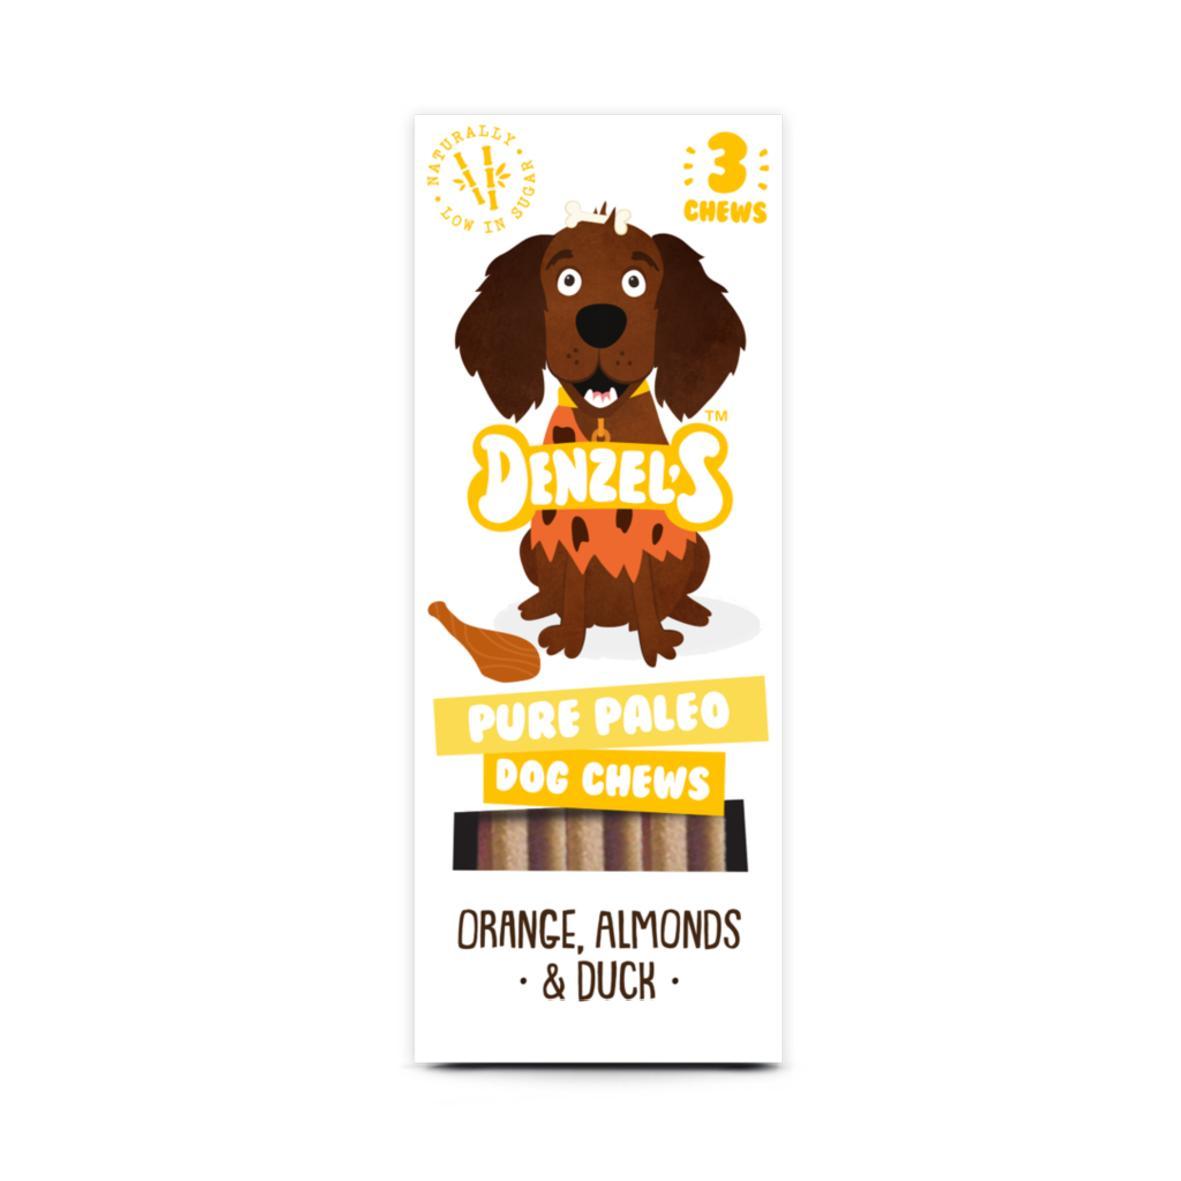 Denzels Pure Paleo Dog Chews Orange, Almonds & Duck 3pk